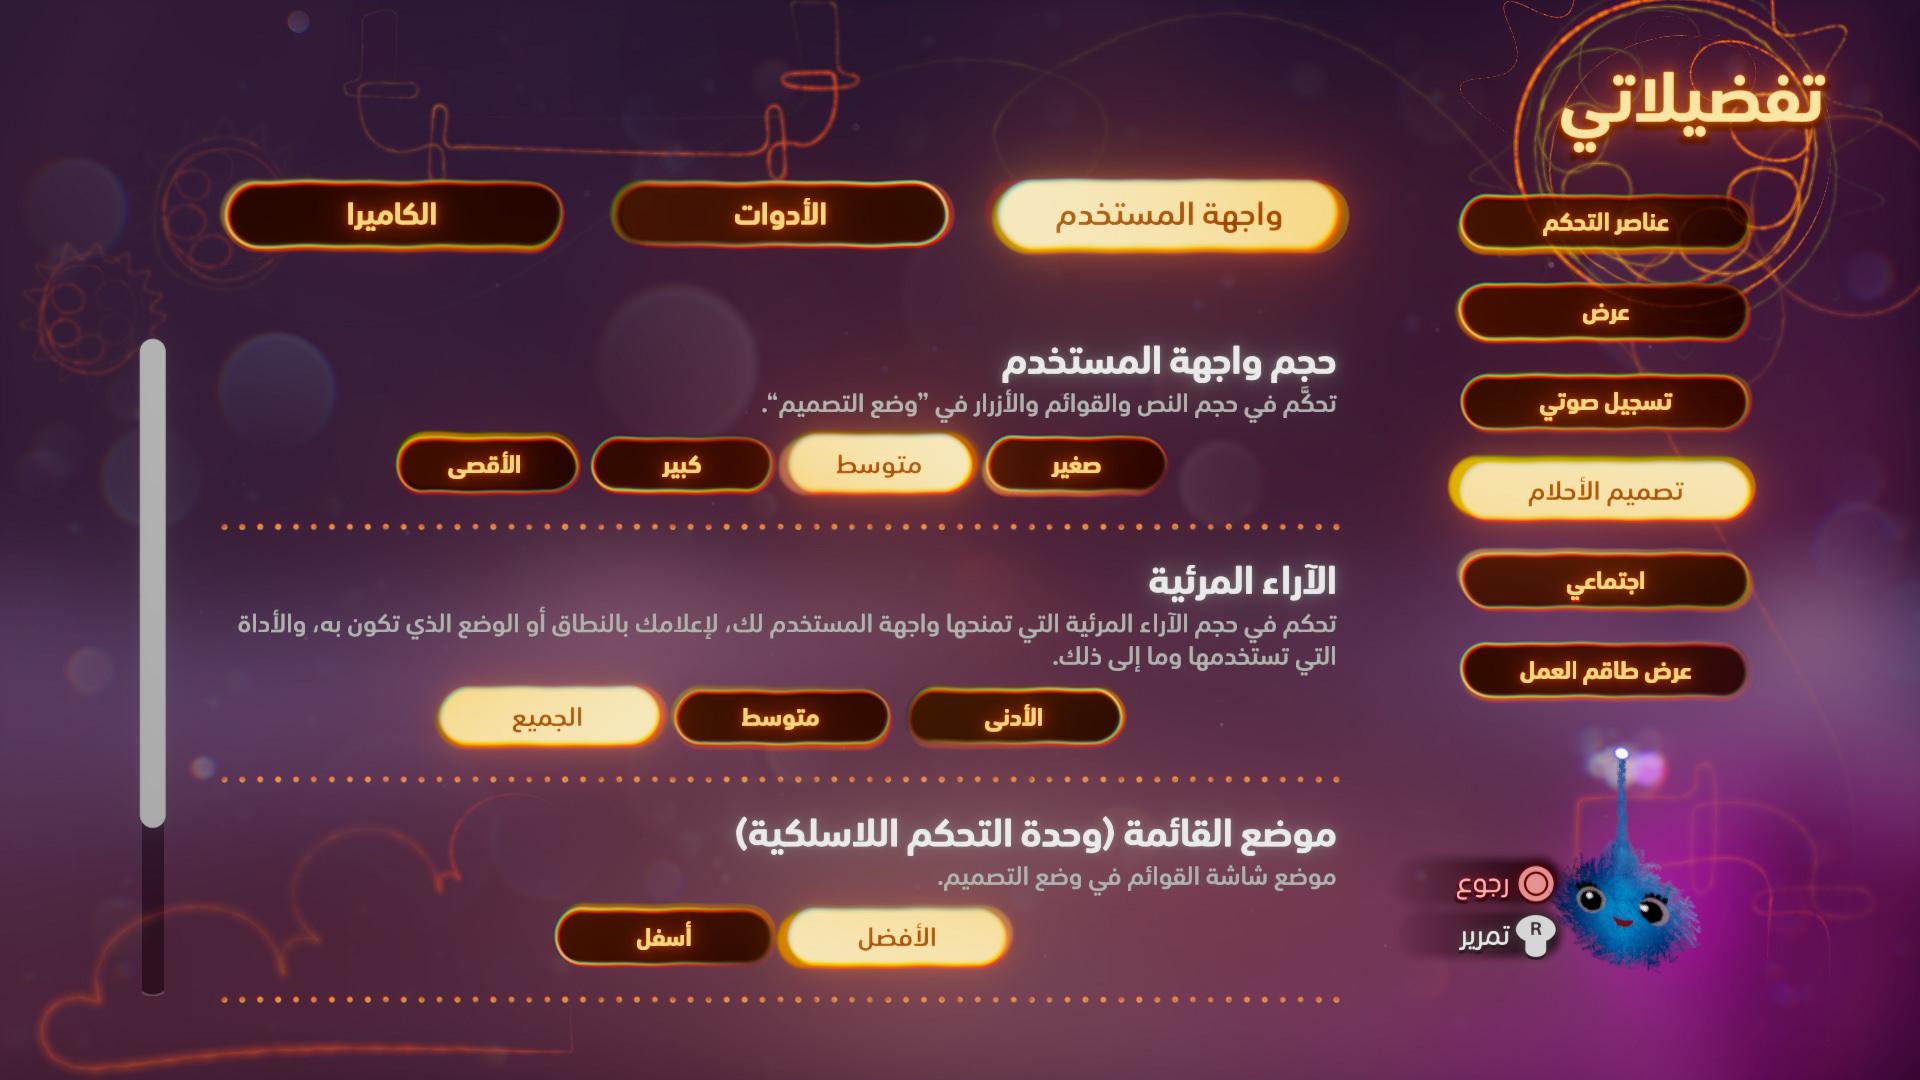 لقطة شاشة تُظهر خيارات حجم واجهة المستخدم في قائمة التفضيلات